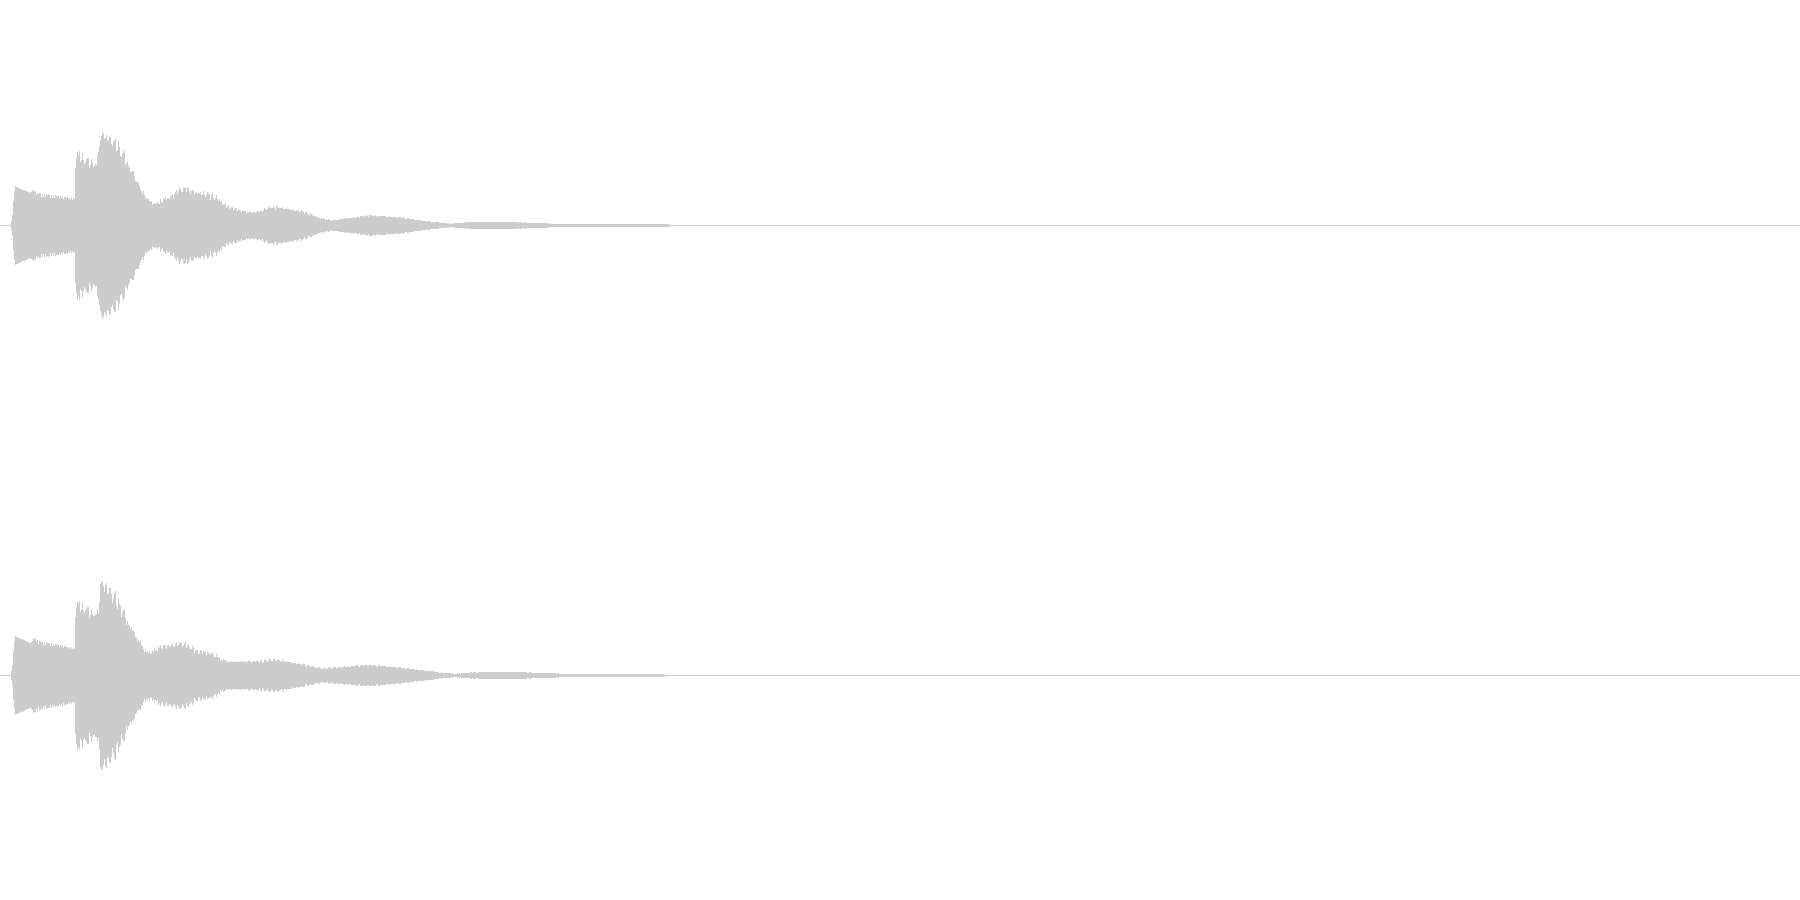 【ひらめき03-1】の未再生の波形